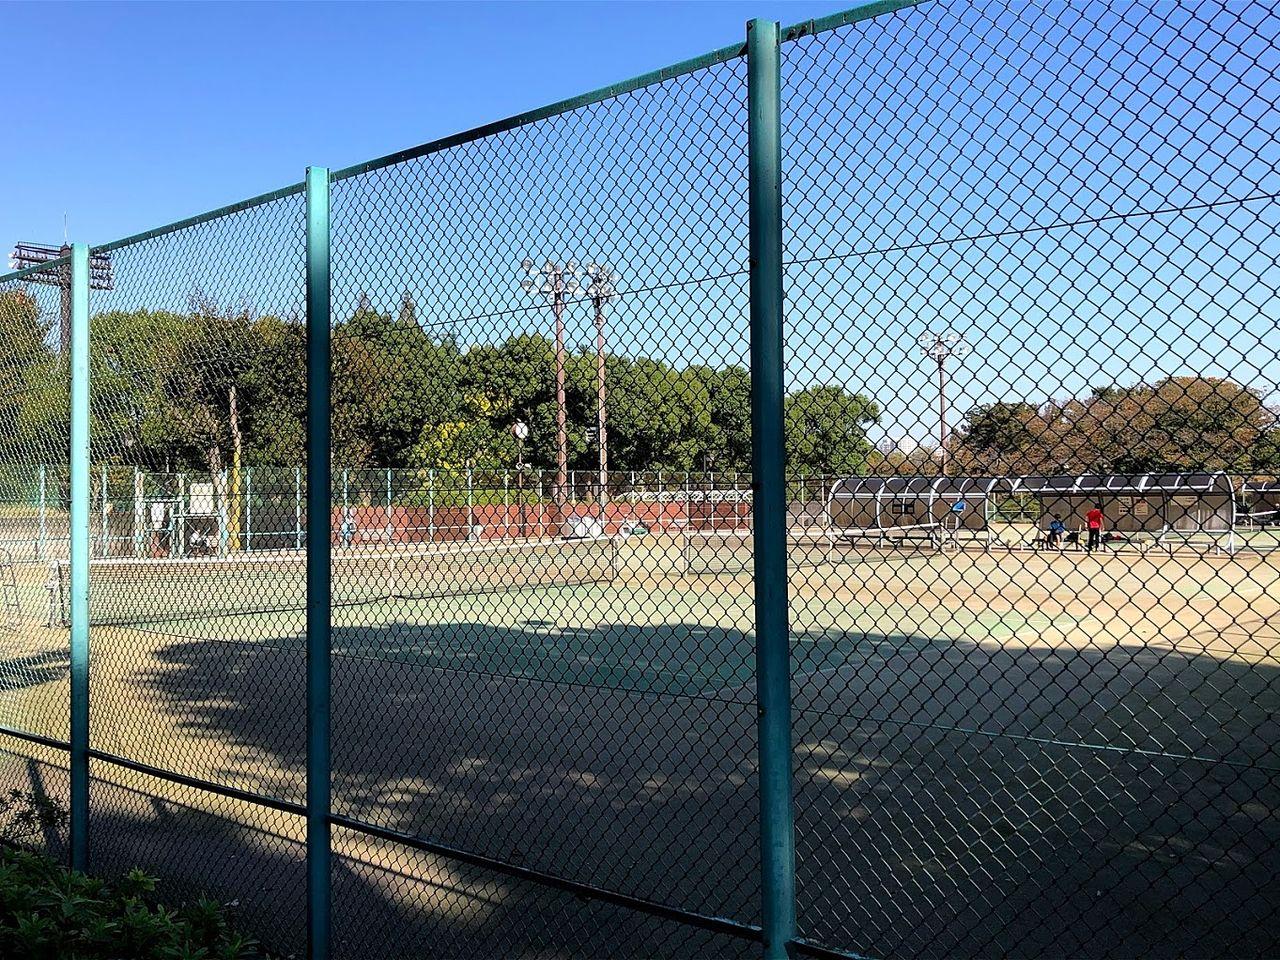 テニスコート4面